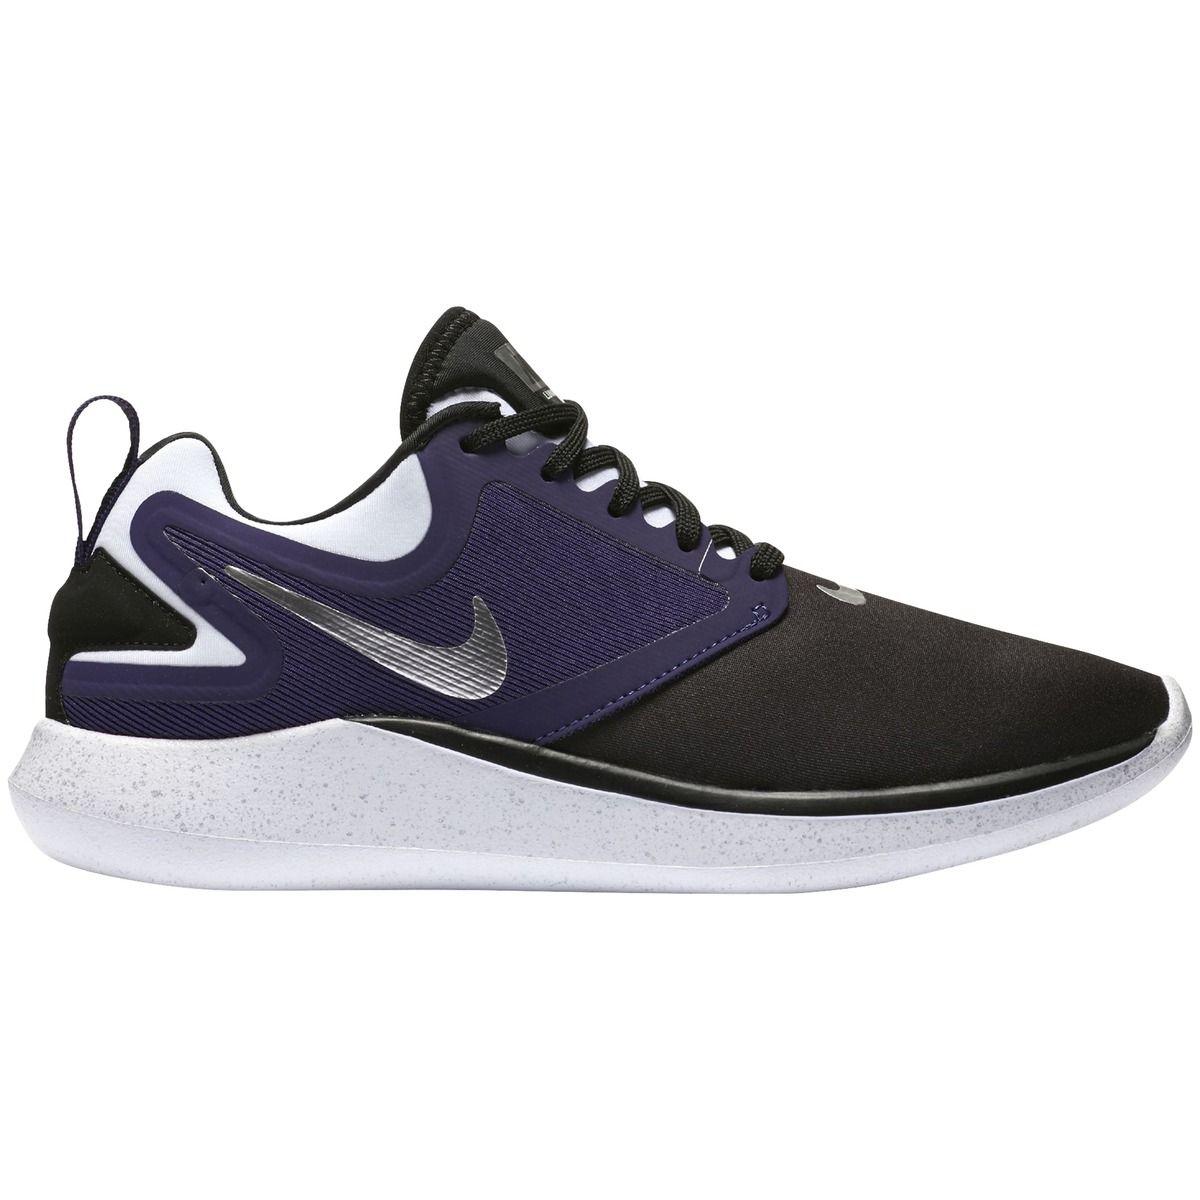 best sneakers a8777 80489 Nike LunarSolo, löparsko dam - Löparskor Dam   XXL